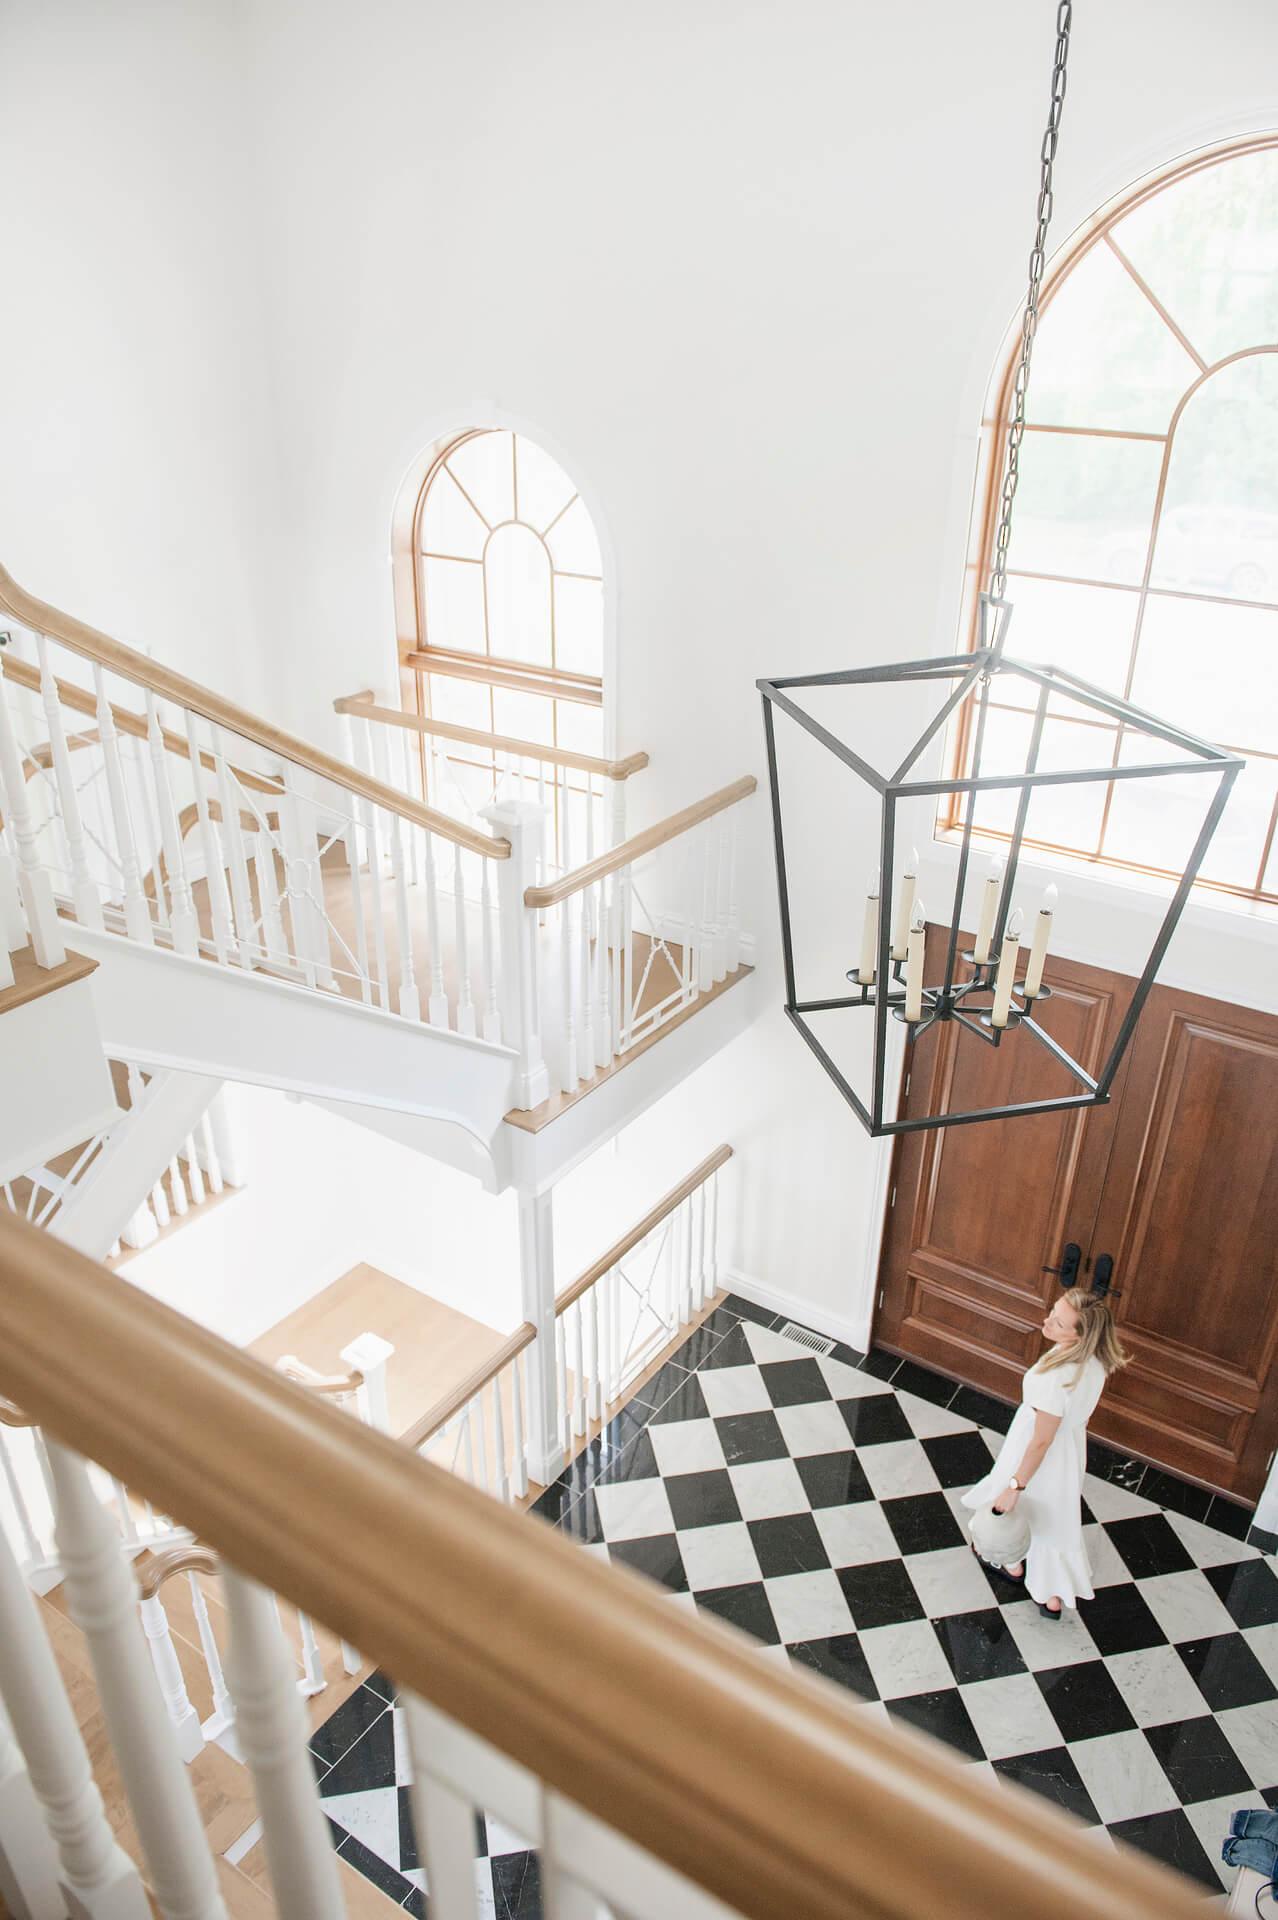 7 AKB Design entree classique damier marbre noir et blanc lanterne porte en bois